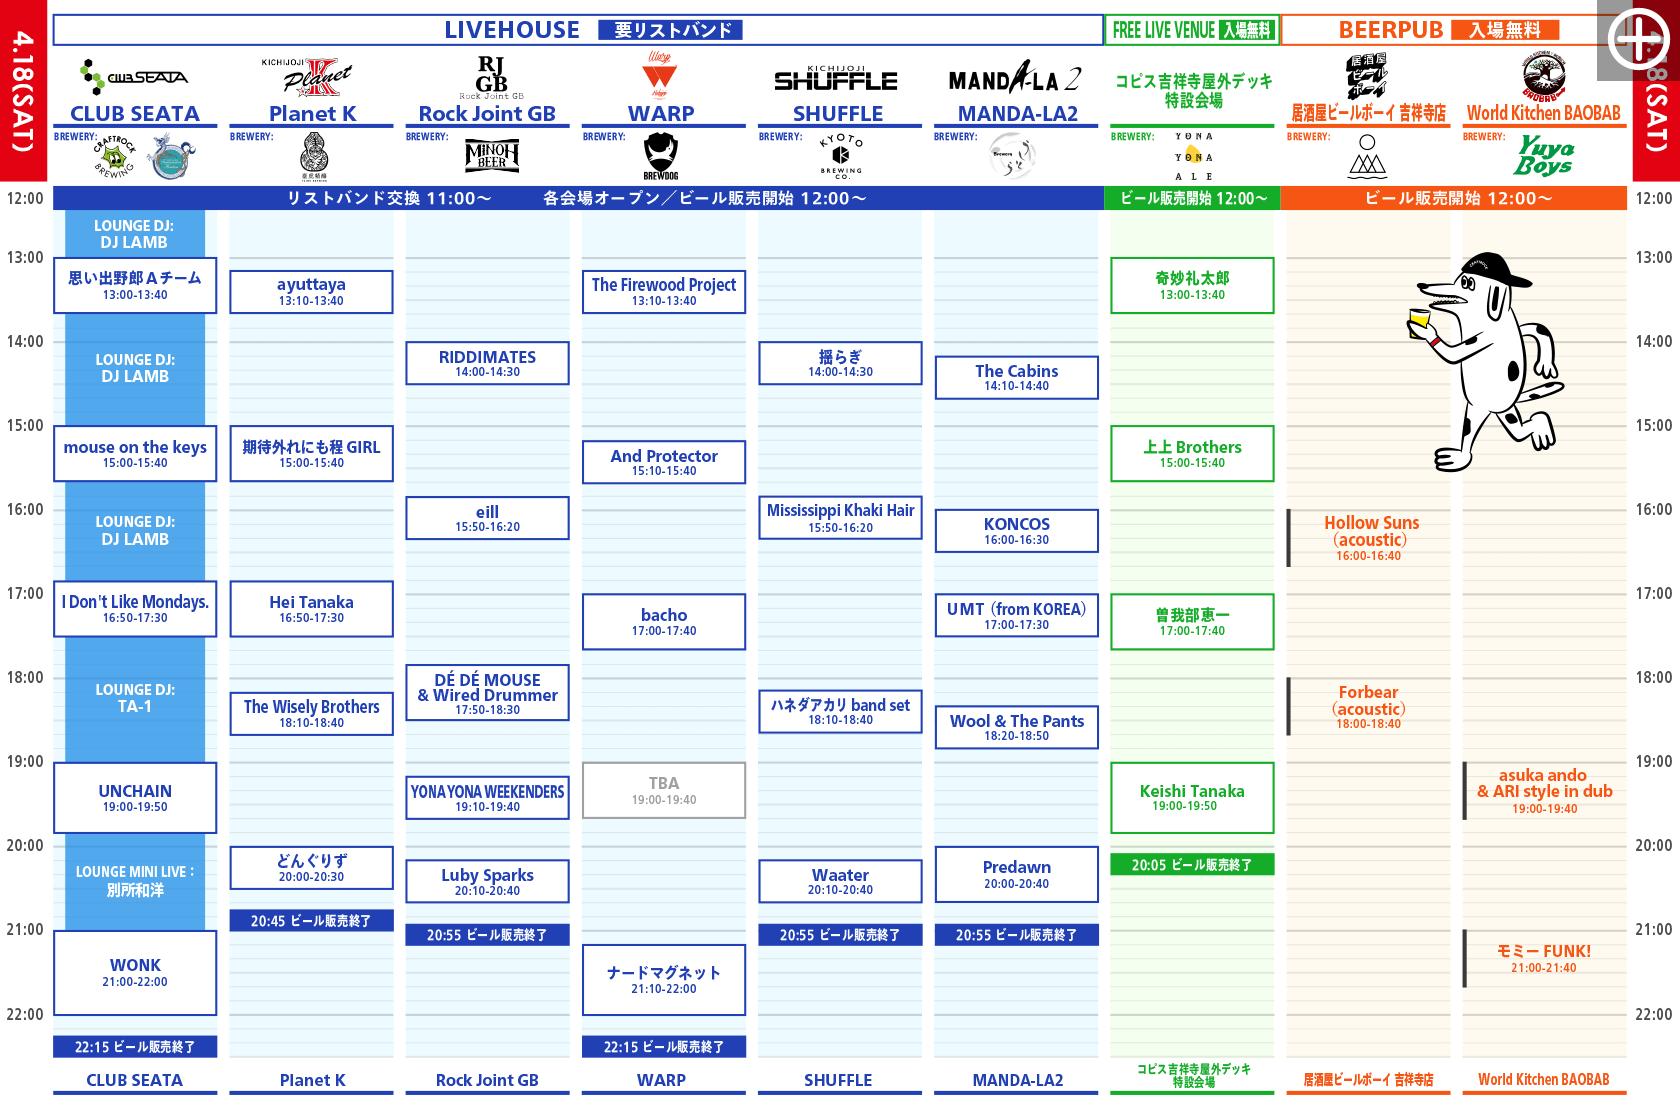 4/18アーティストタイムテーブル